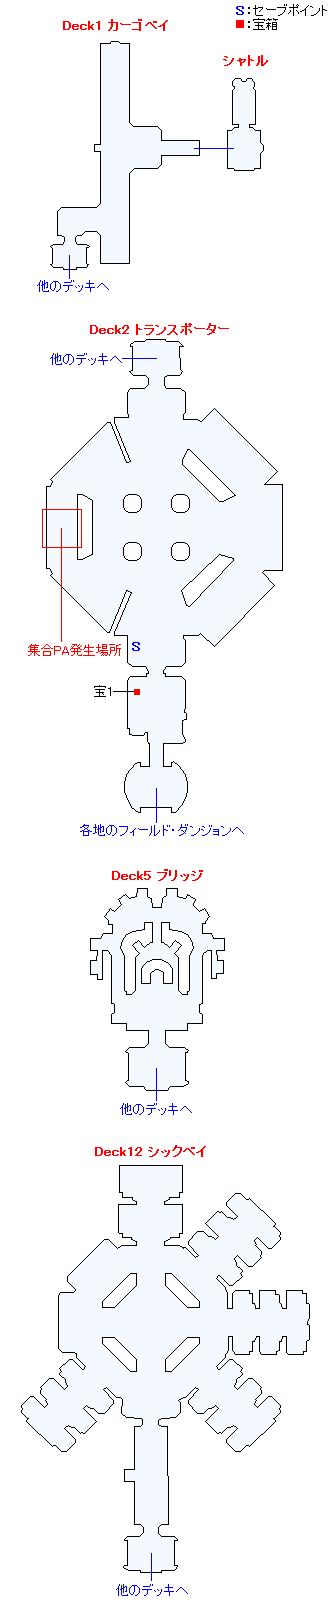 チャールズ・ディ・ゴールマップ